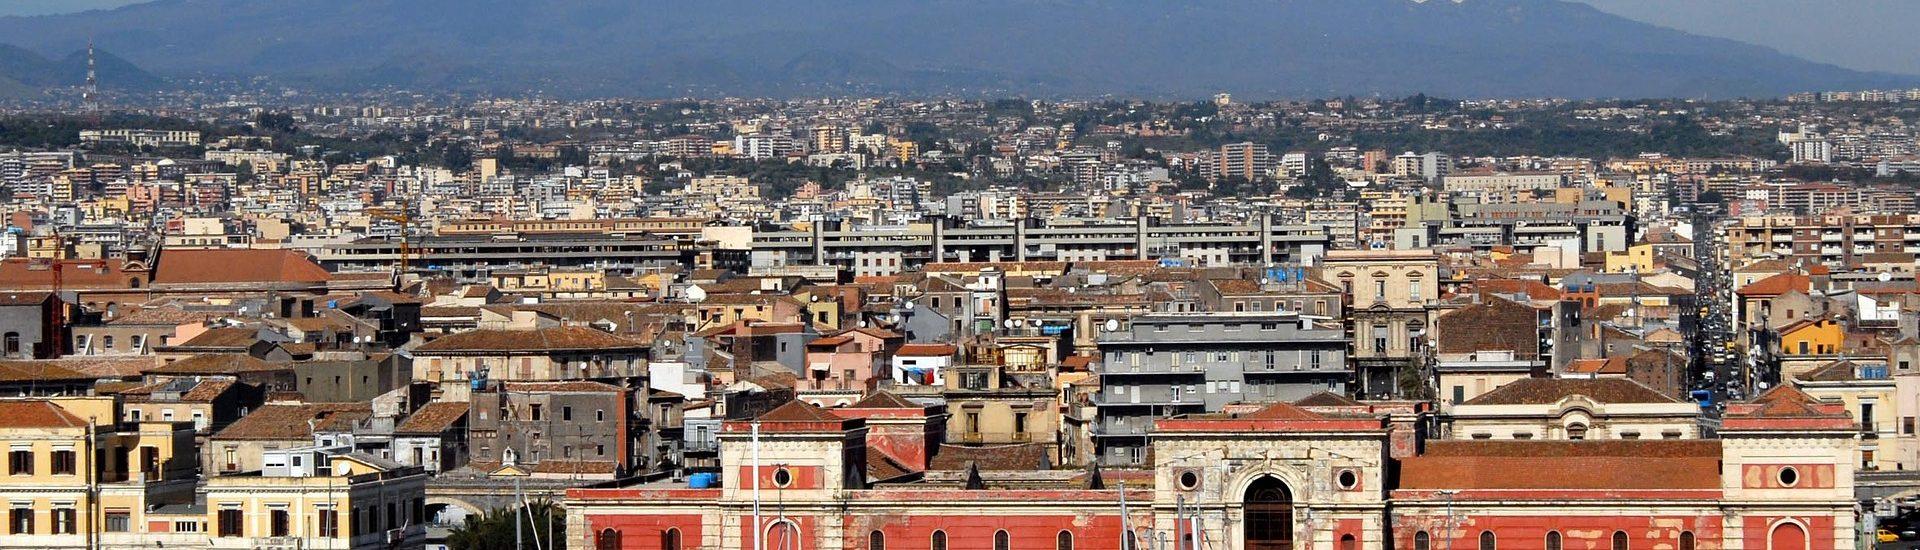 7 cose da fare e da vedere a Catania